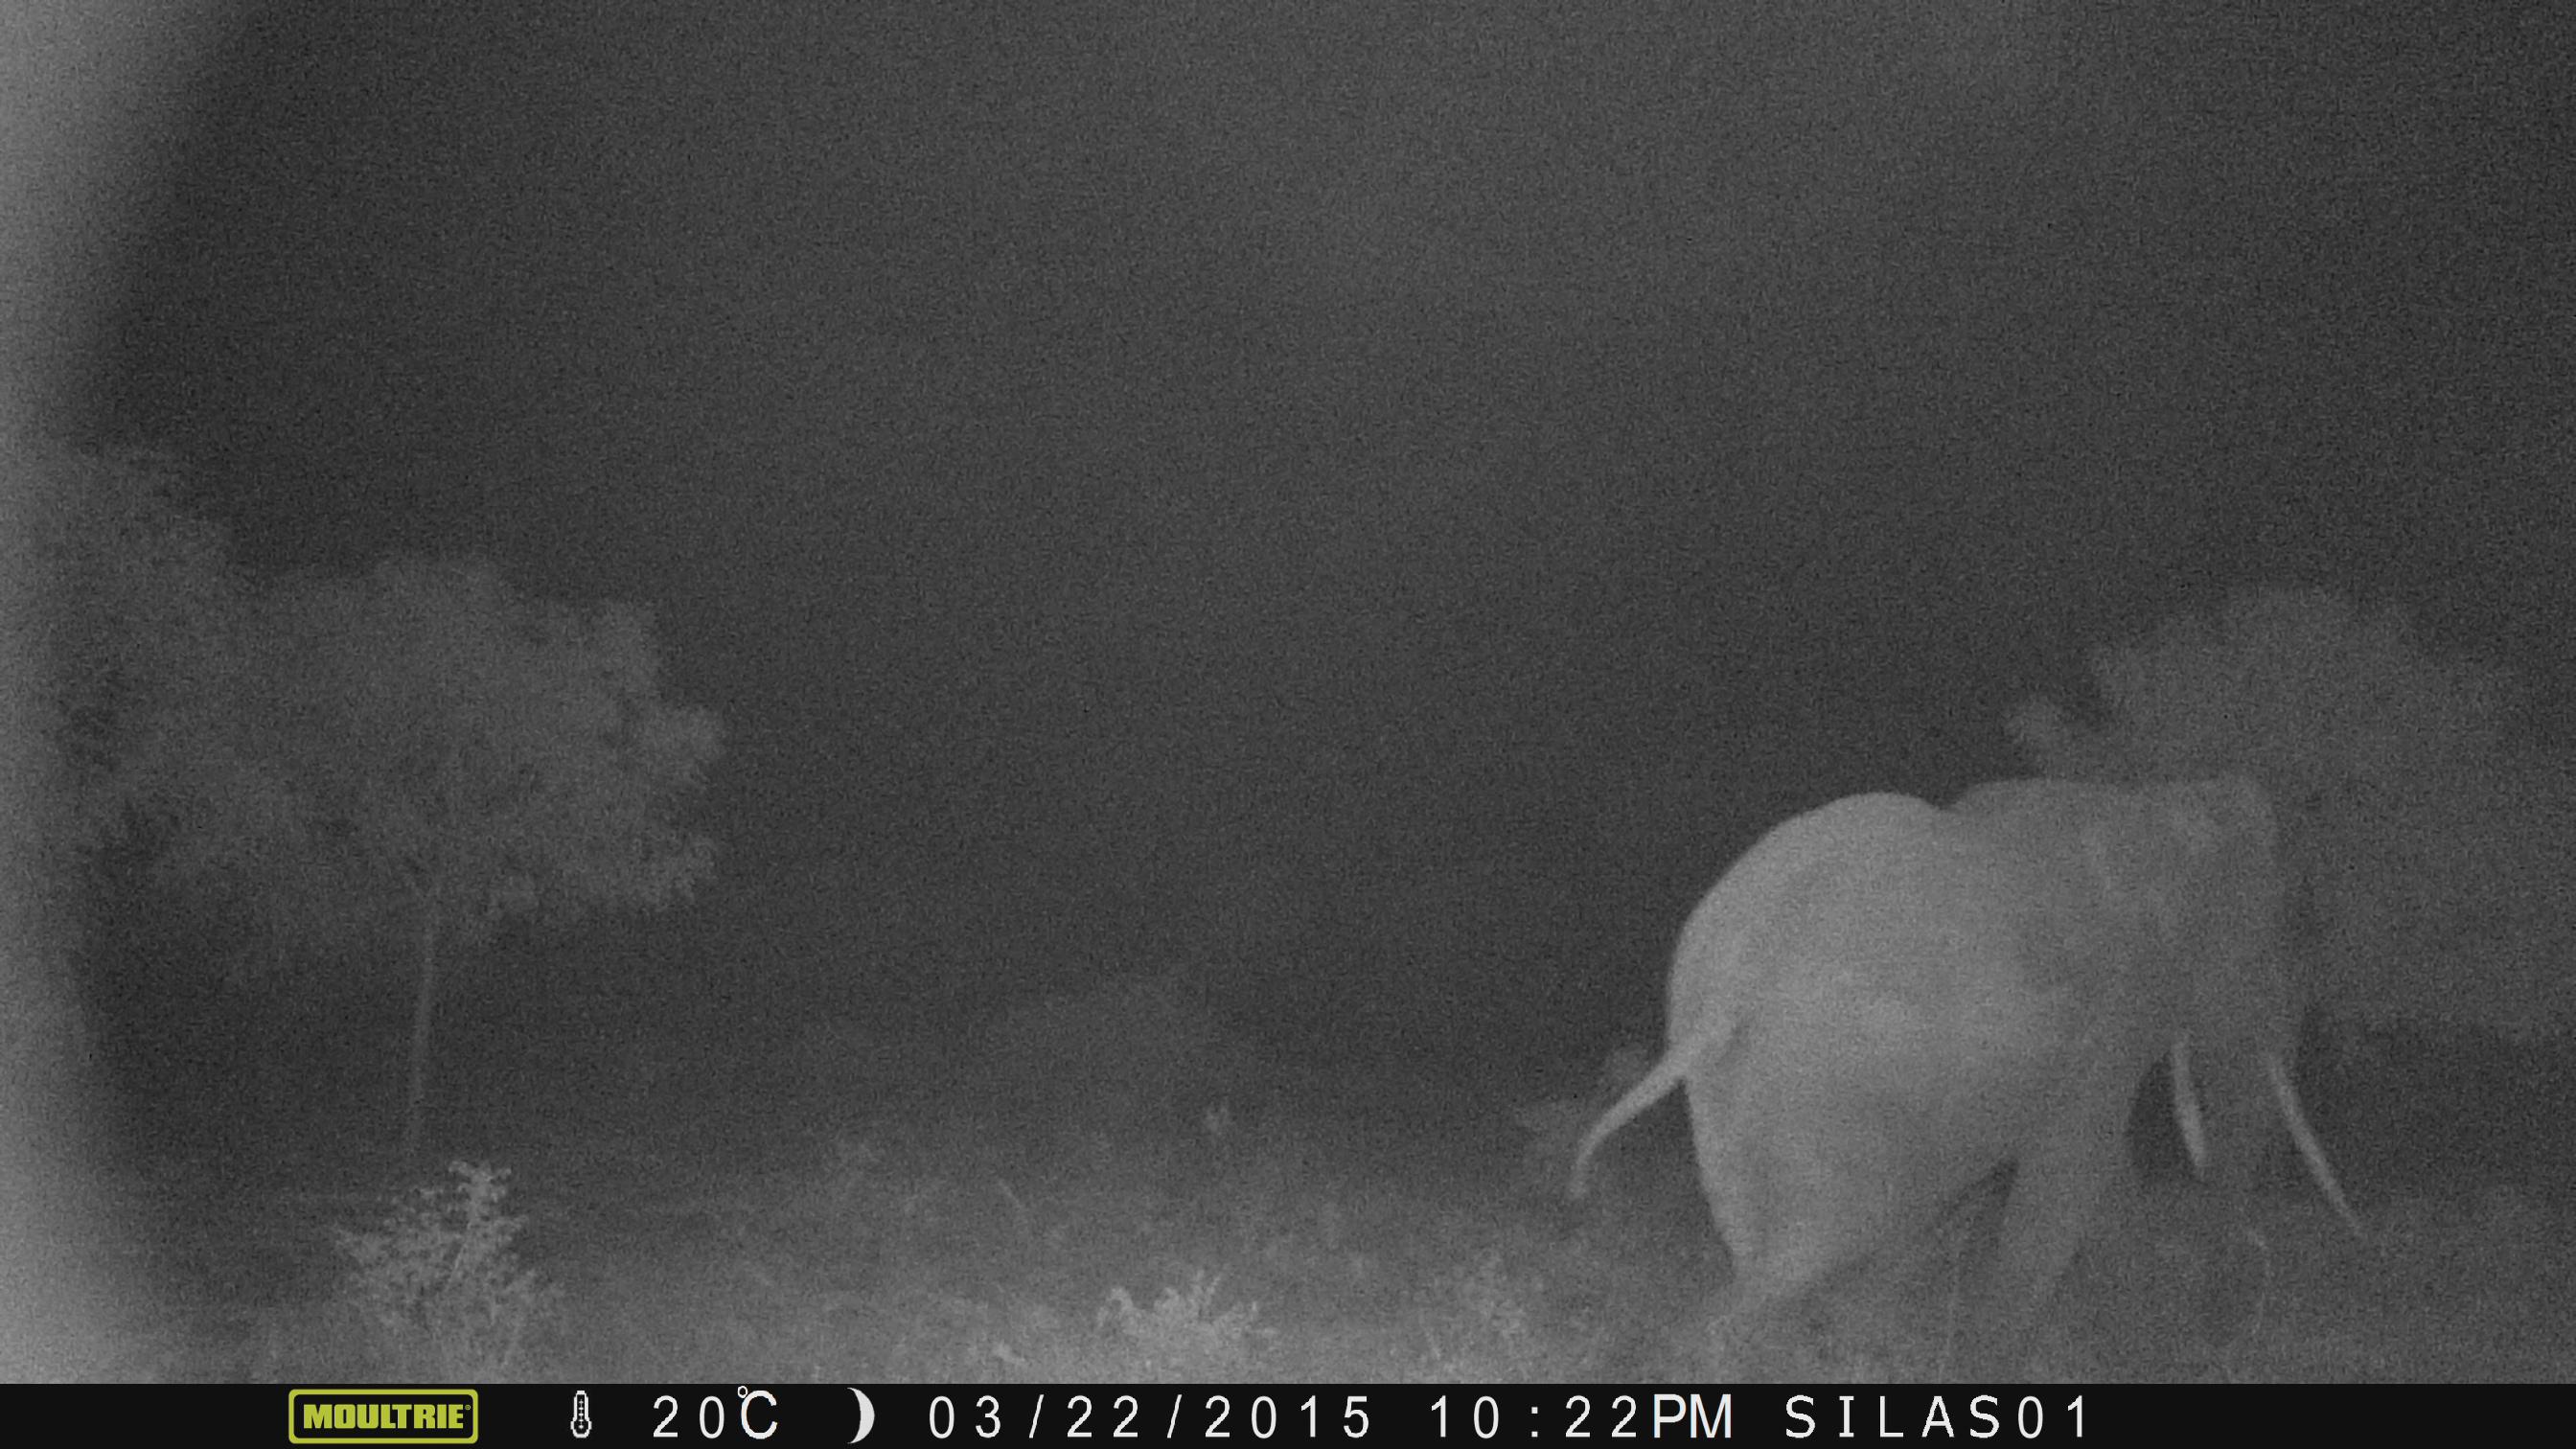 Crop-raiding-elephant-in-farm-at-night-captured-by-camera-trap-in-Sagalla-Kenya3-©-2015-EB